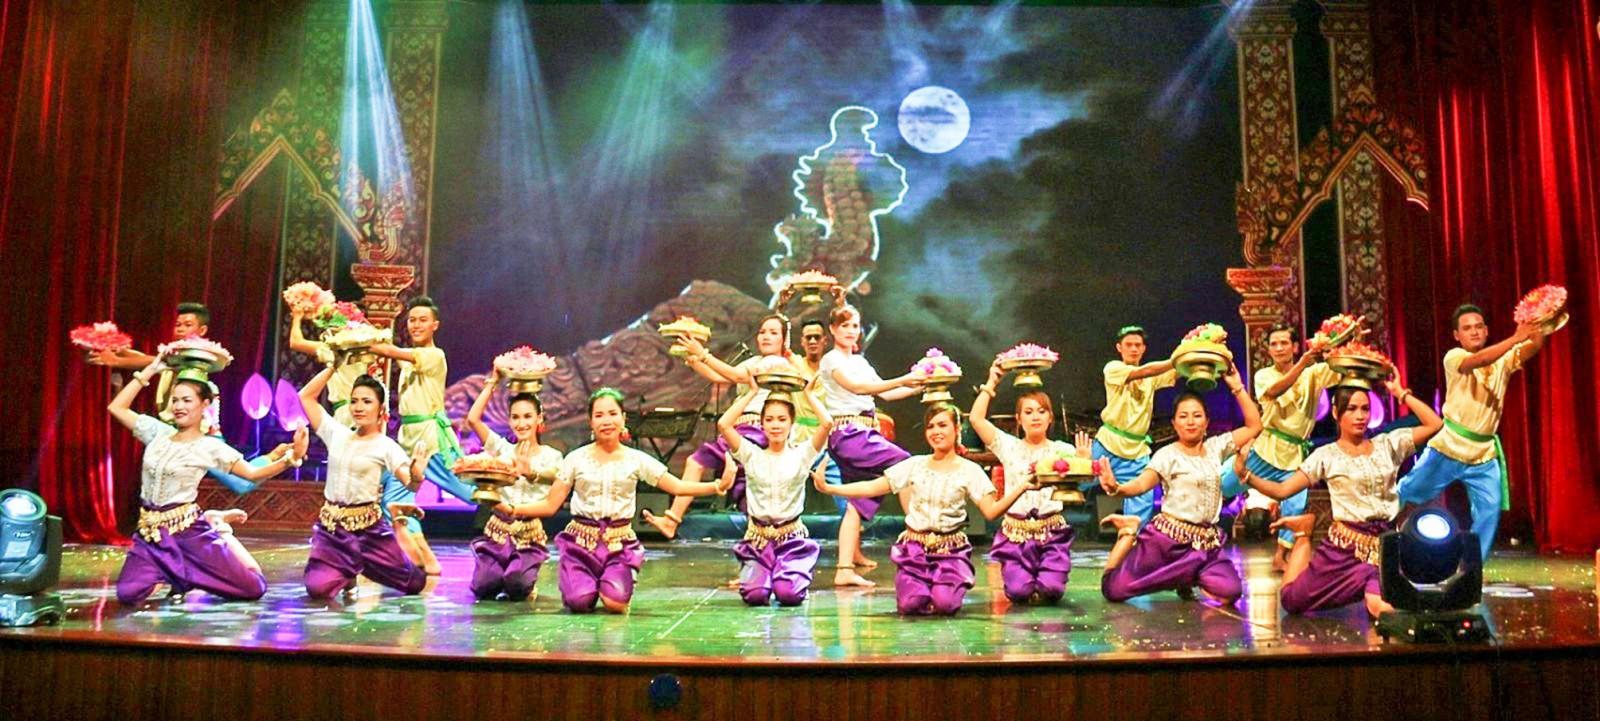 Nghệ thuật truyền thống ở ĐBSCL sẽ hấp dẫn du khách nếu được khai thác. Trong ảnh: Nghệ nhân múa Khmer. Ảnh: ĐĂNG HUỲNH